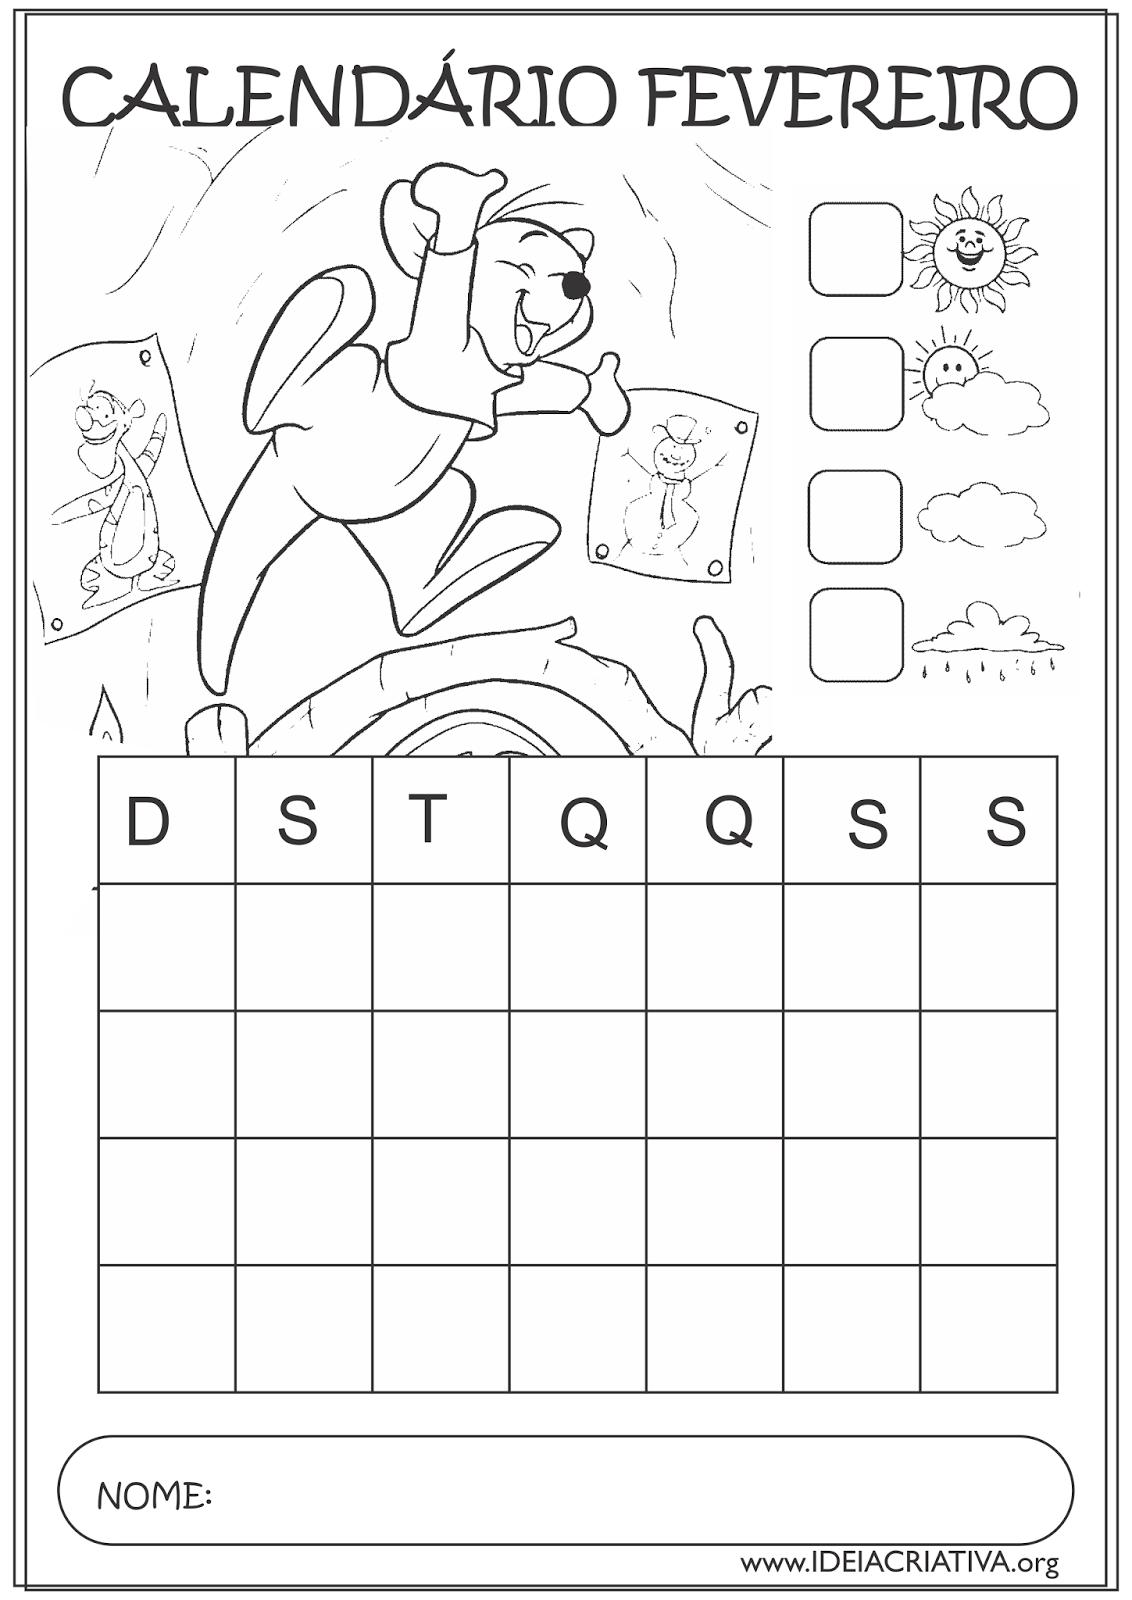 Calendário Fevereiro 2015  Guru Turma do Pooh Educação Infantil para Colorir